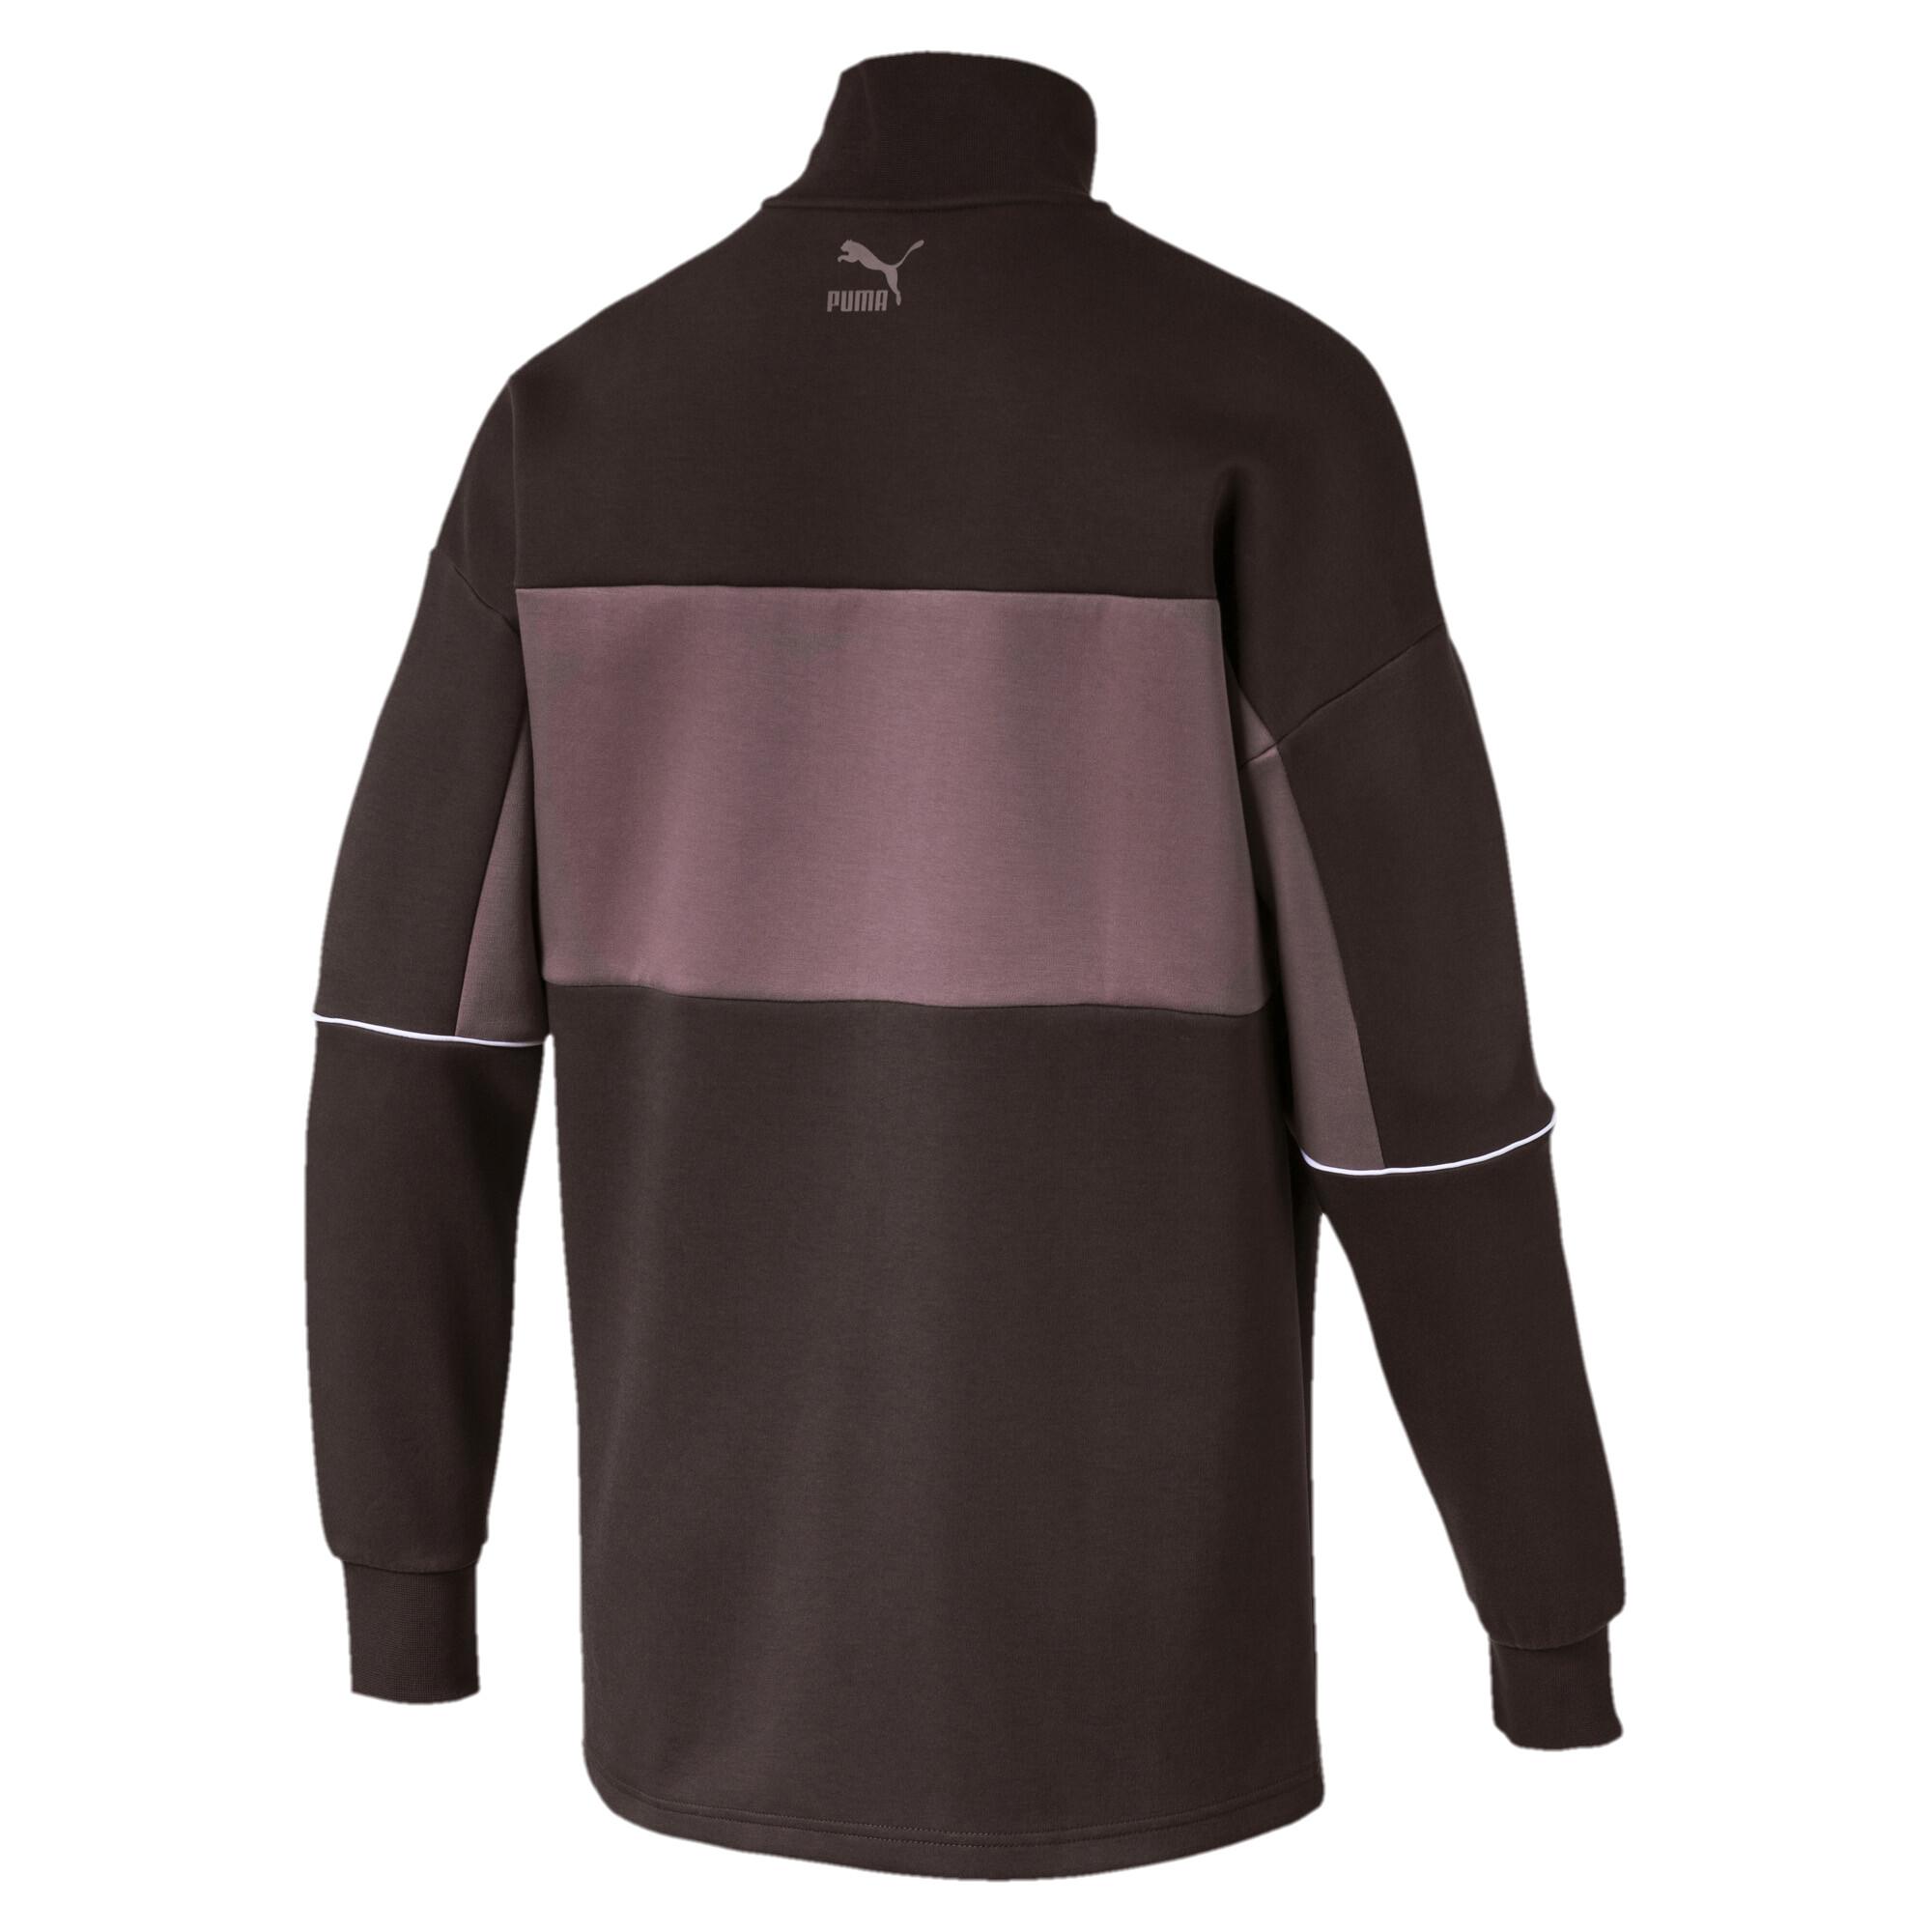 Image Puma Retro Quarter Zip Turtleneck Men's Pullover #5